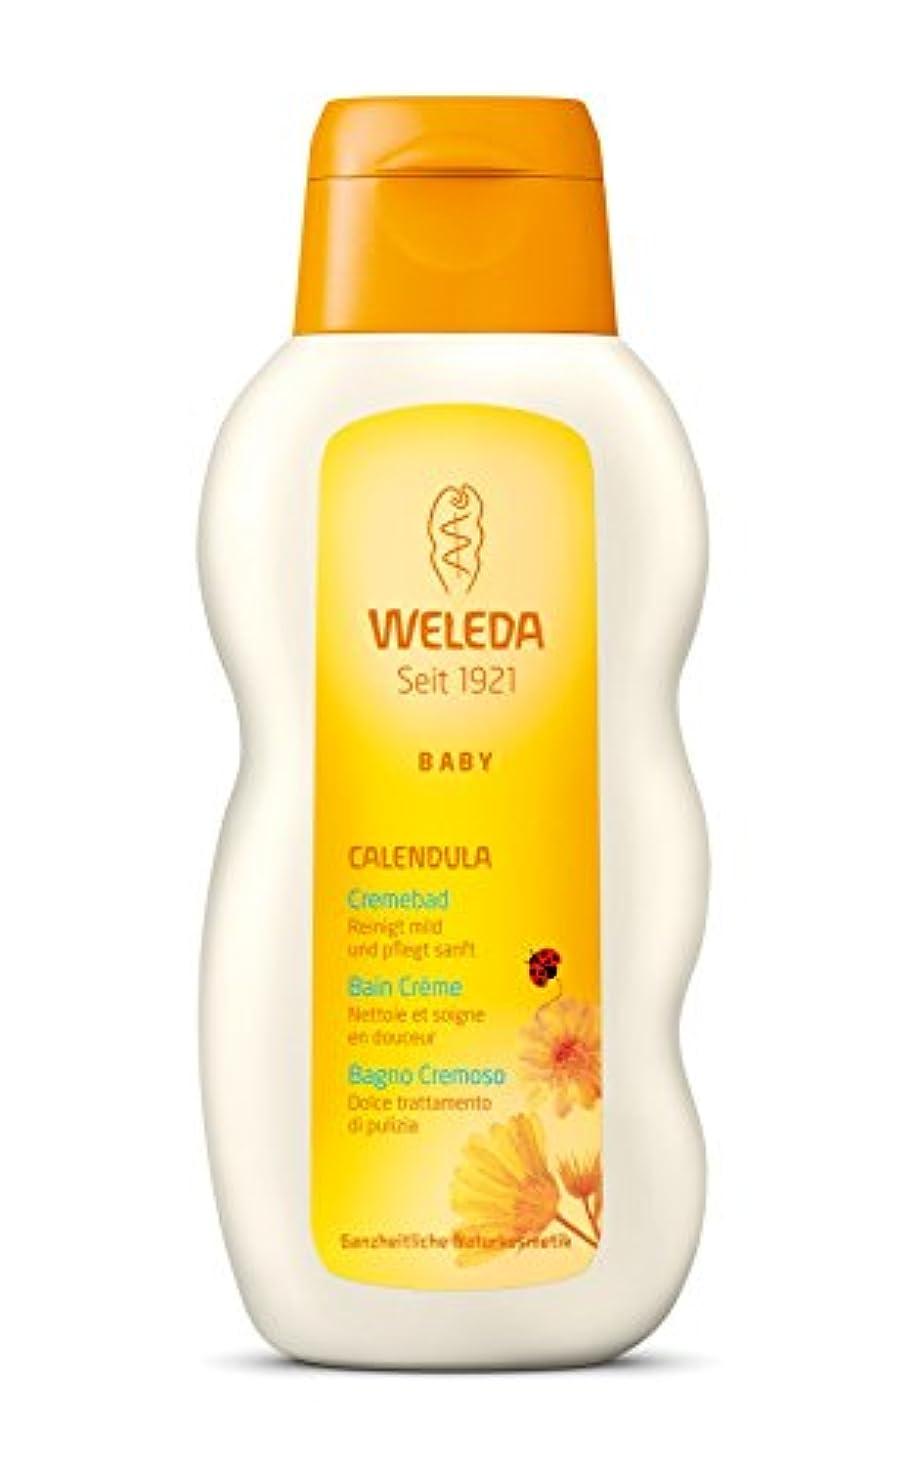 震えいじめっ子スクラップWELEDA(ヴェレダ) カレンドラ ベビークリームバスミルク 200ml 【生まれたての赤ちゃんから使用できます】